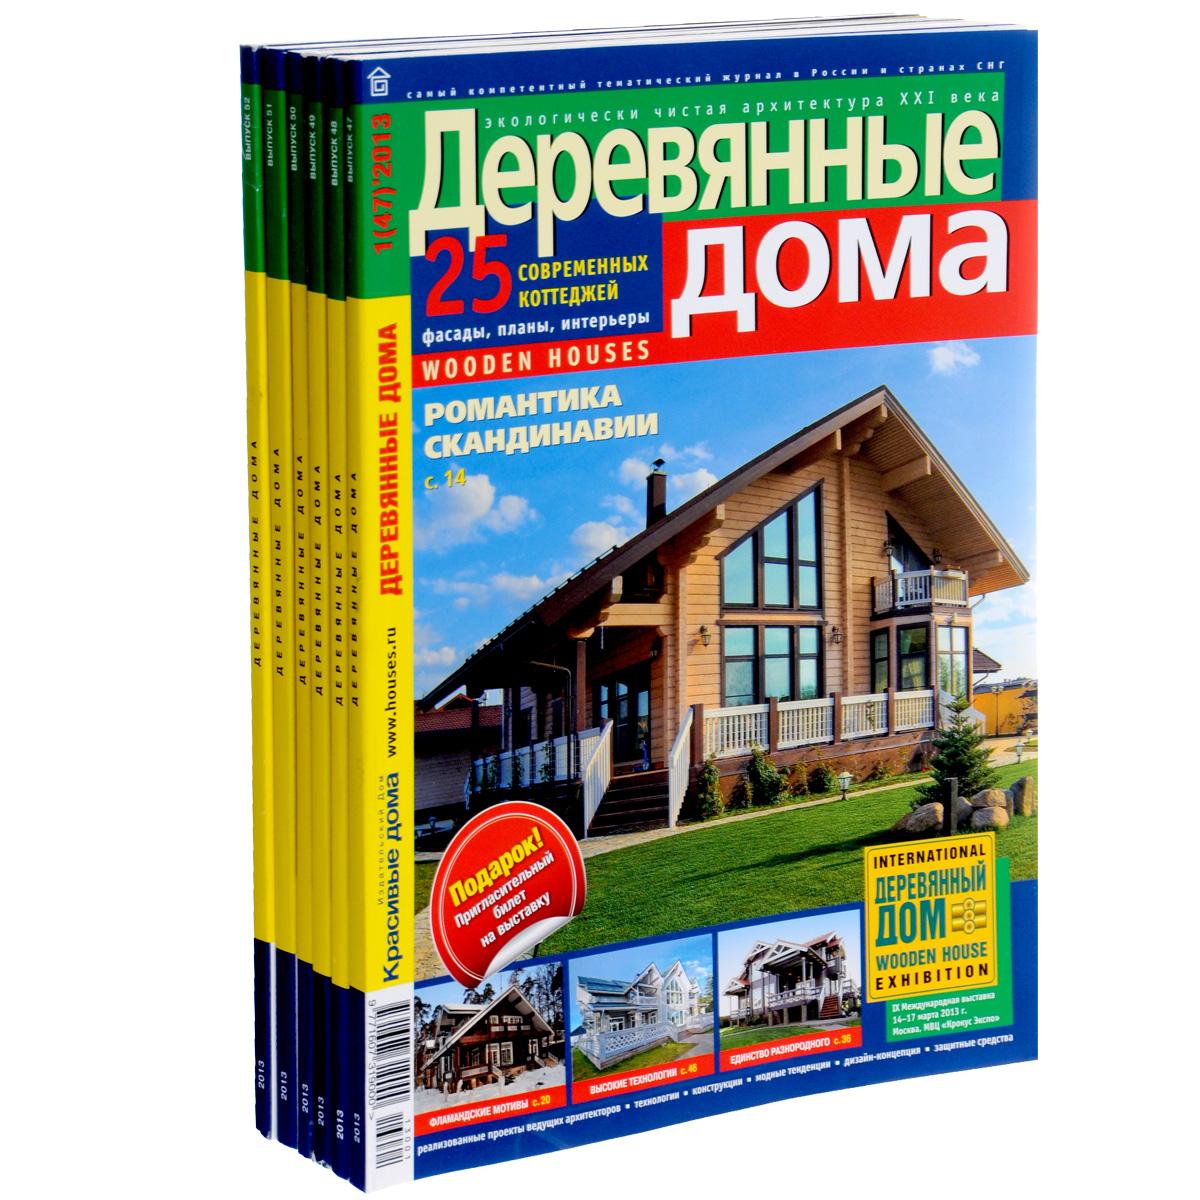 Деревянные дома, №1(47), №2(48), №3(49), №4(50), №5(51), №6(52), 2013 (комплект из 6 журналов)